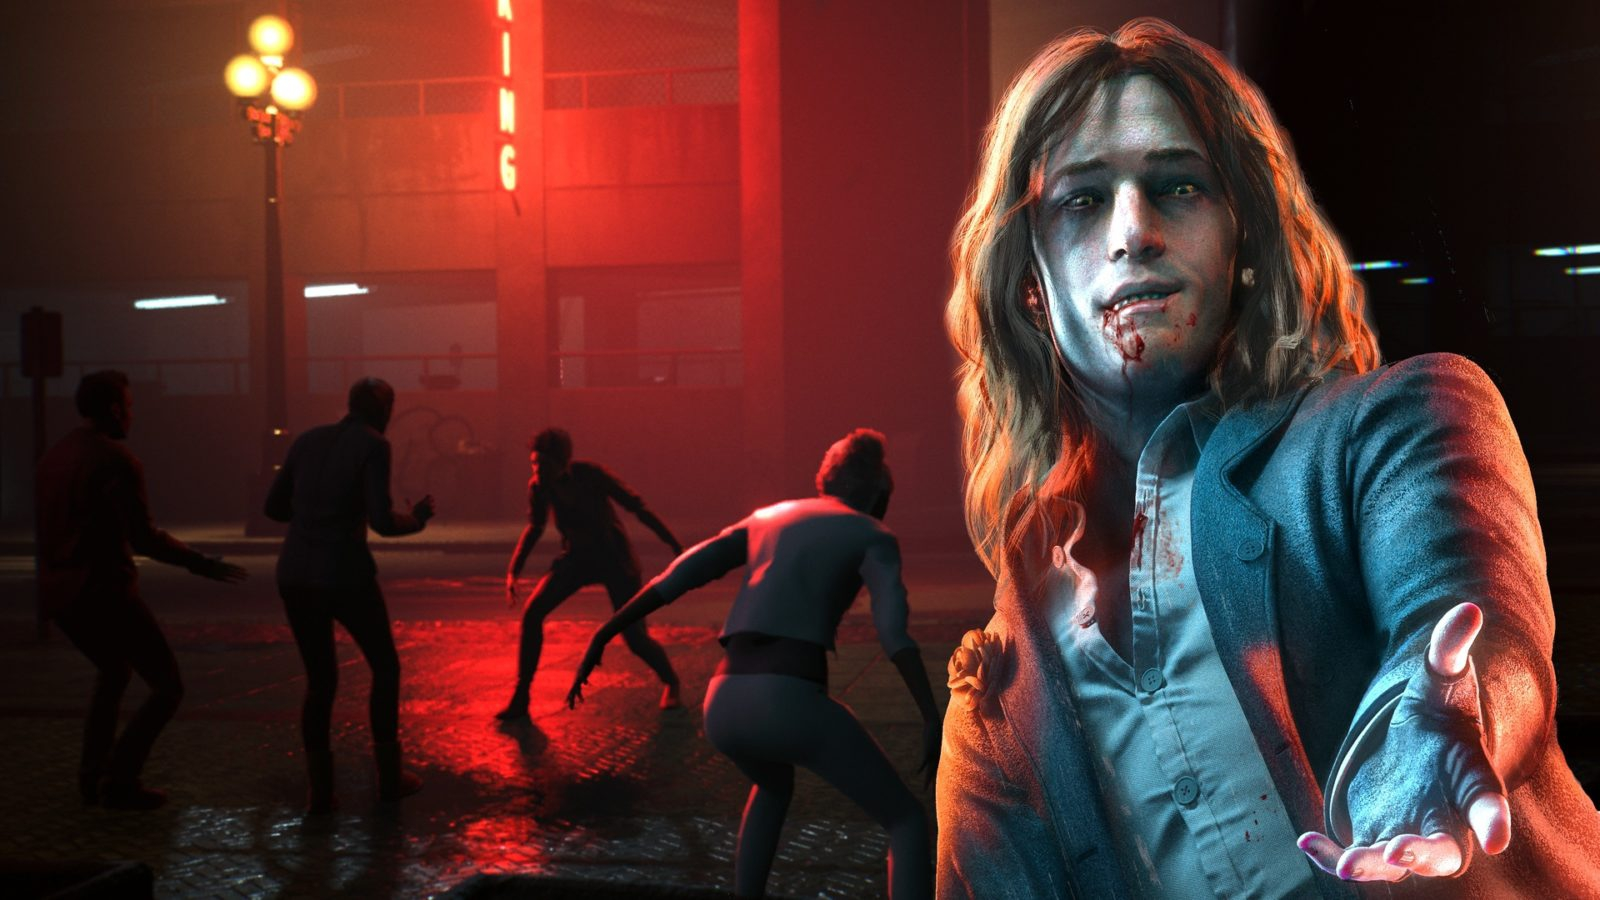 Una data per la demo di di Vampire: The Masquerade Bloodlines 2